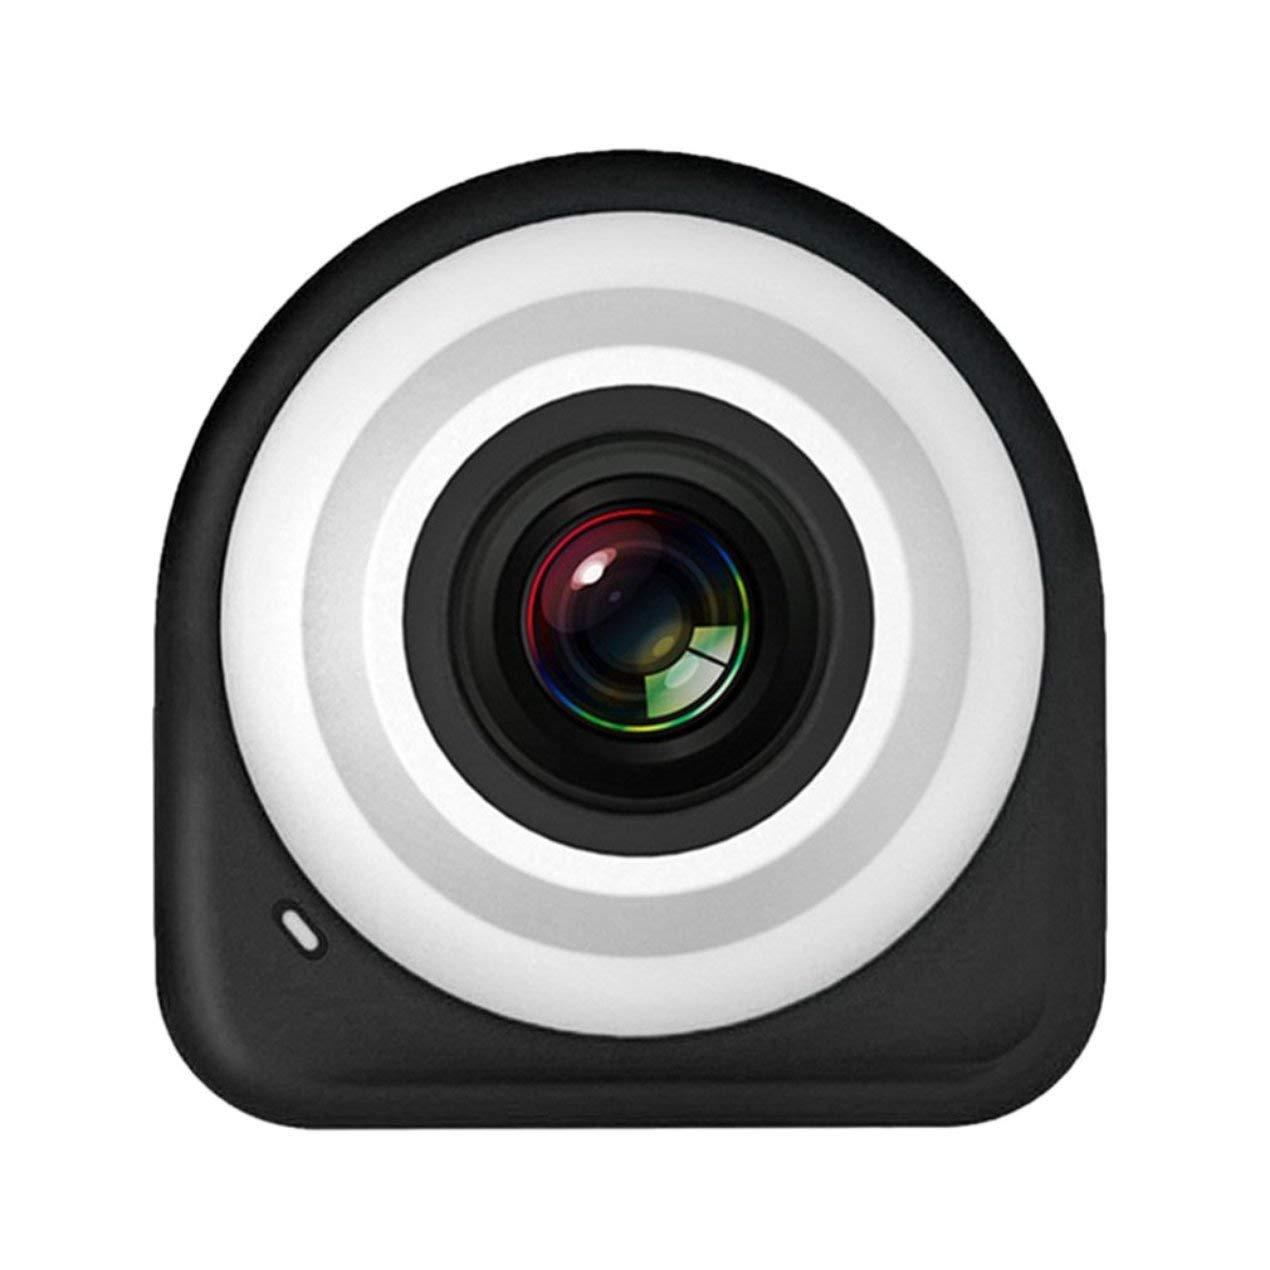 Mini cámara de Deporte 1080 P HD Cámara Digital Selfie WiFi Control Remoto Monitor de monitoreo inalámbrico Conveniente para Exteriores